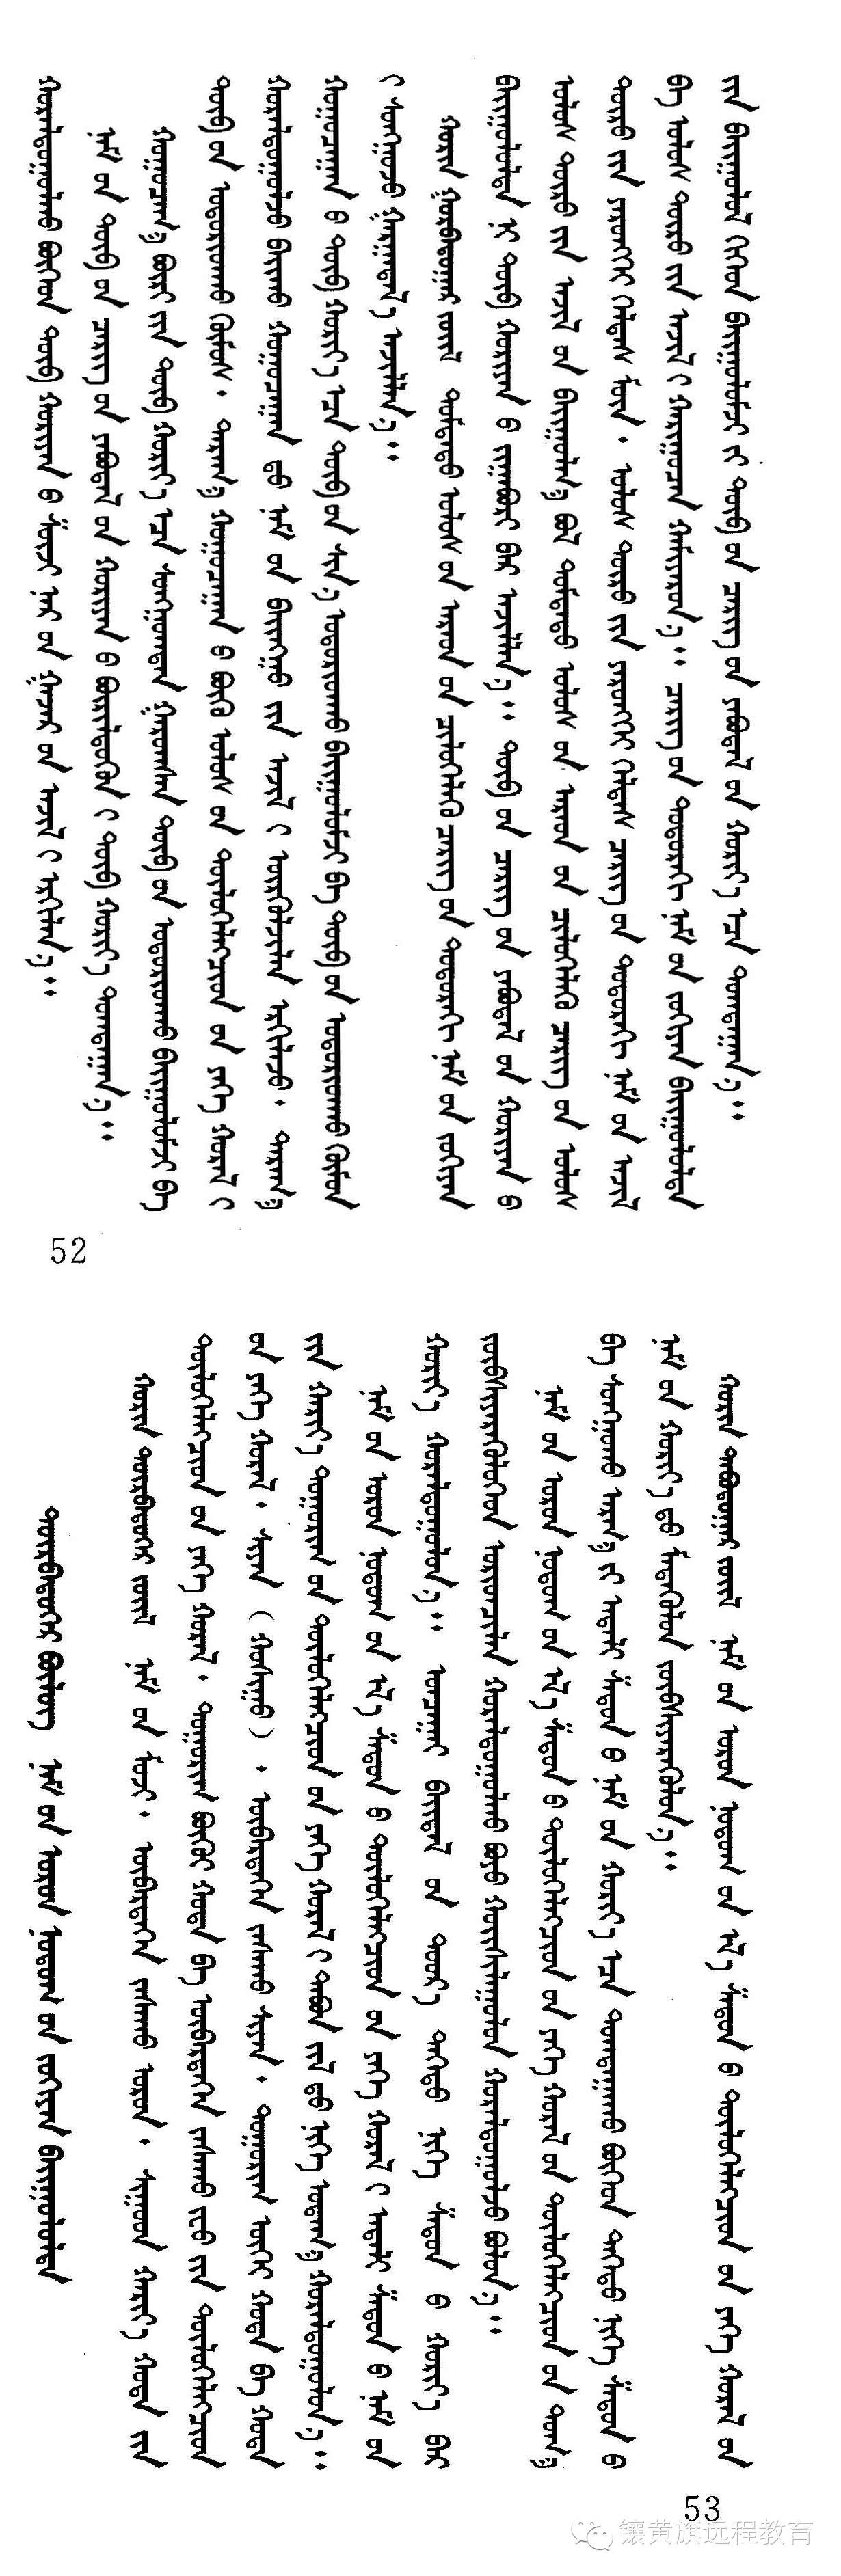 【两学一做材料】蒙文版《党章》 第12张 【两学一做材料】蒙文版《党章》 蒙古文库